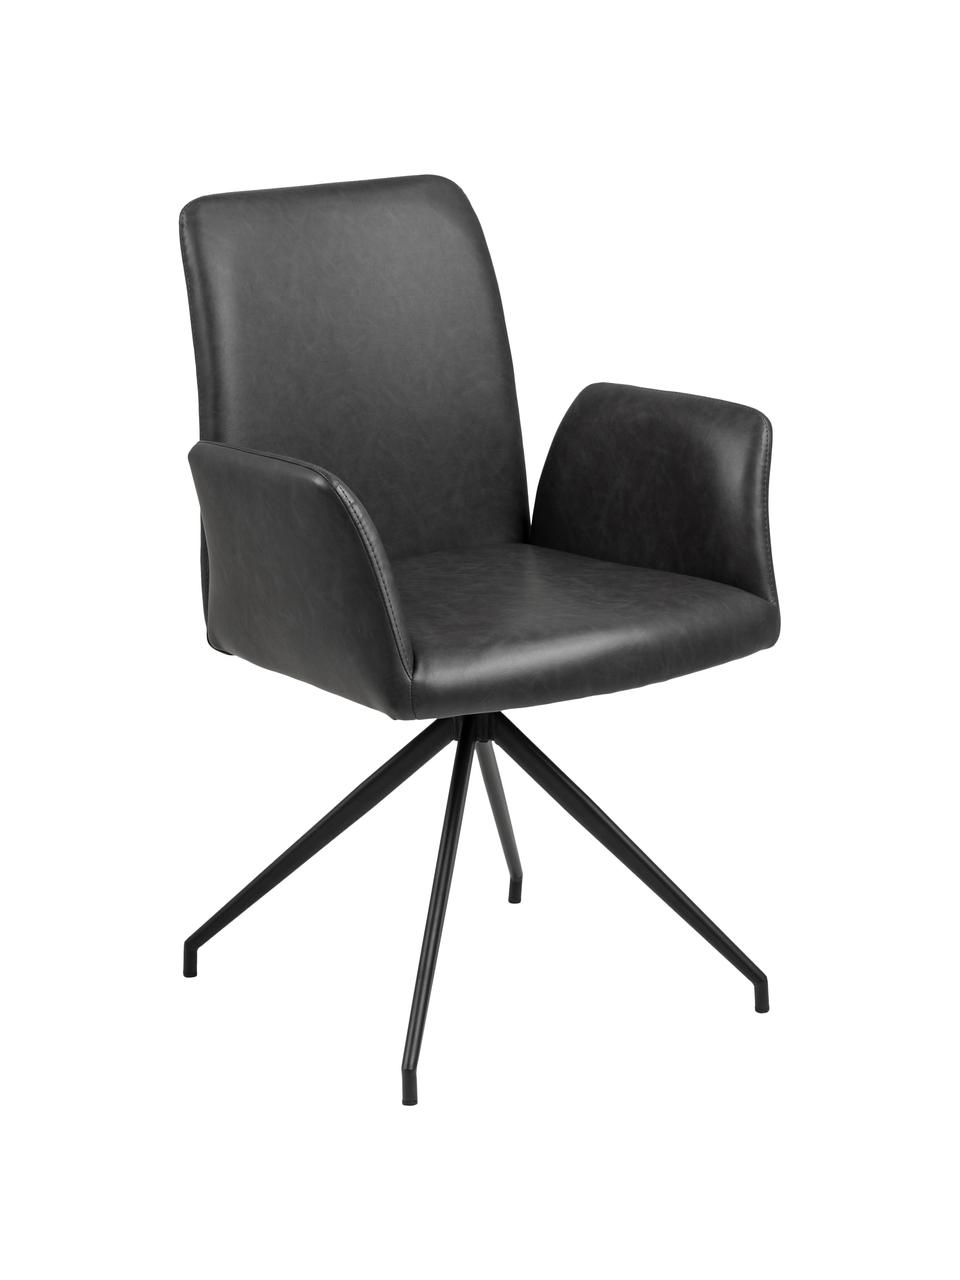 Krzesło obrotowe ze sztucznej skóry Naya, Tapicerka: sztuczna skóra, Stelaż: metal malowany proszkowo, Sztuczna skóra antracytowa, S 59 x G 59 cm